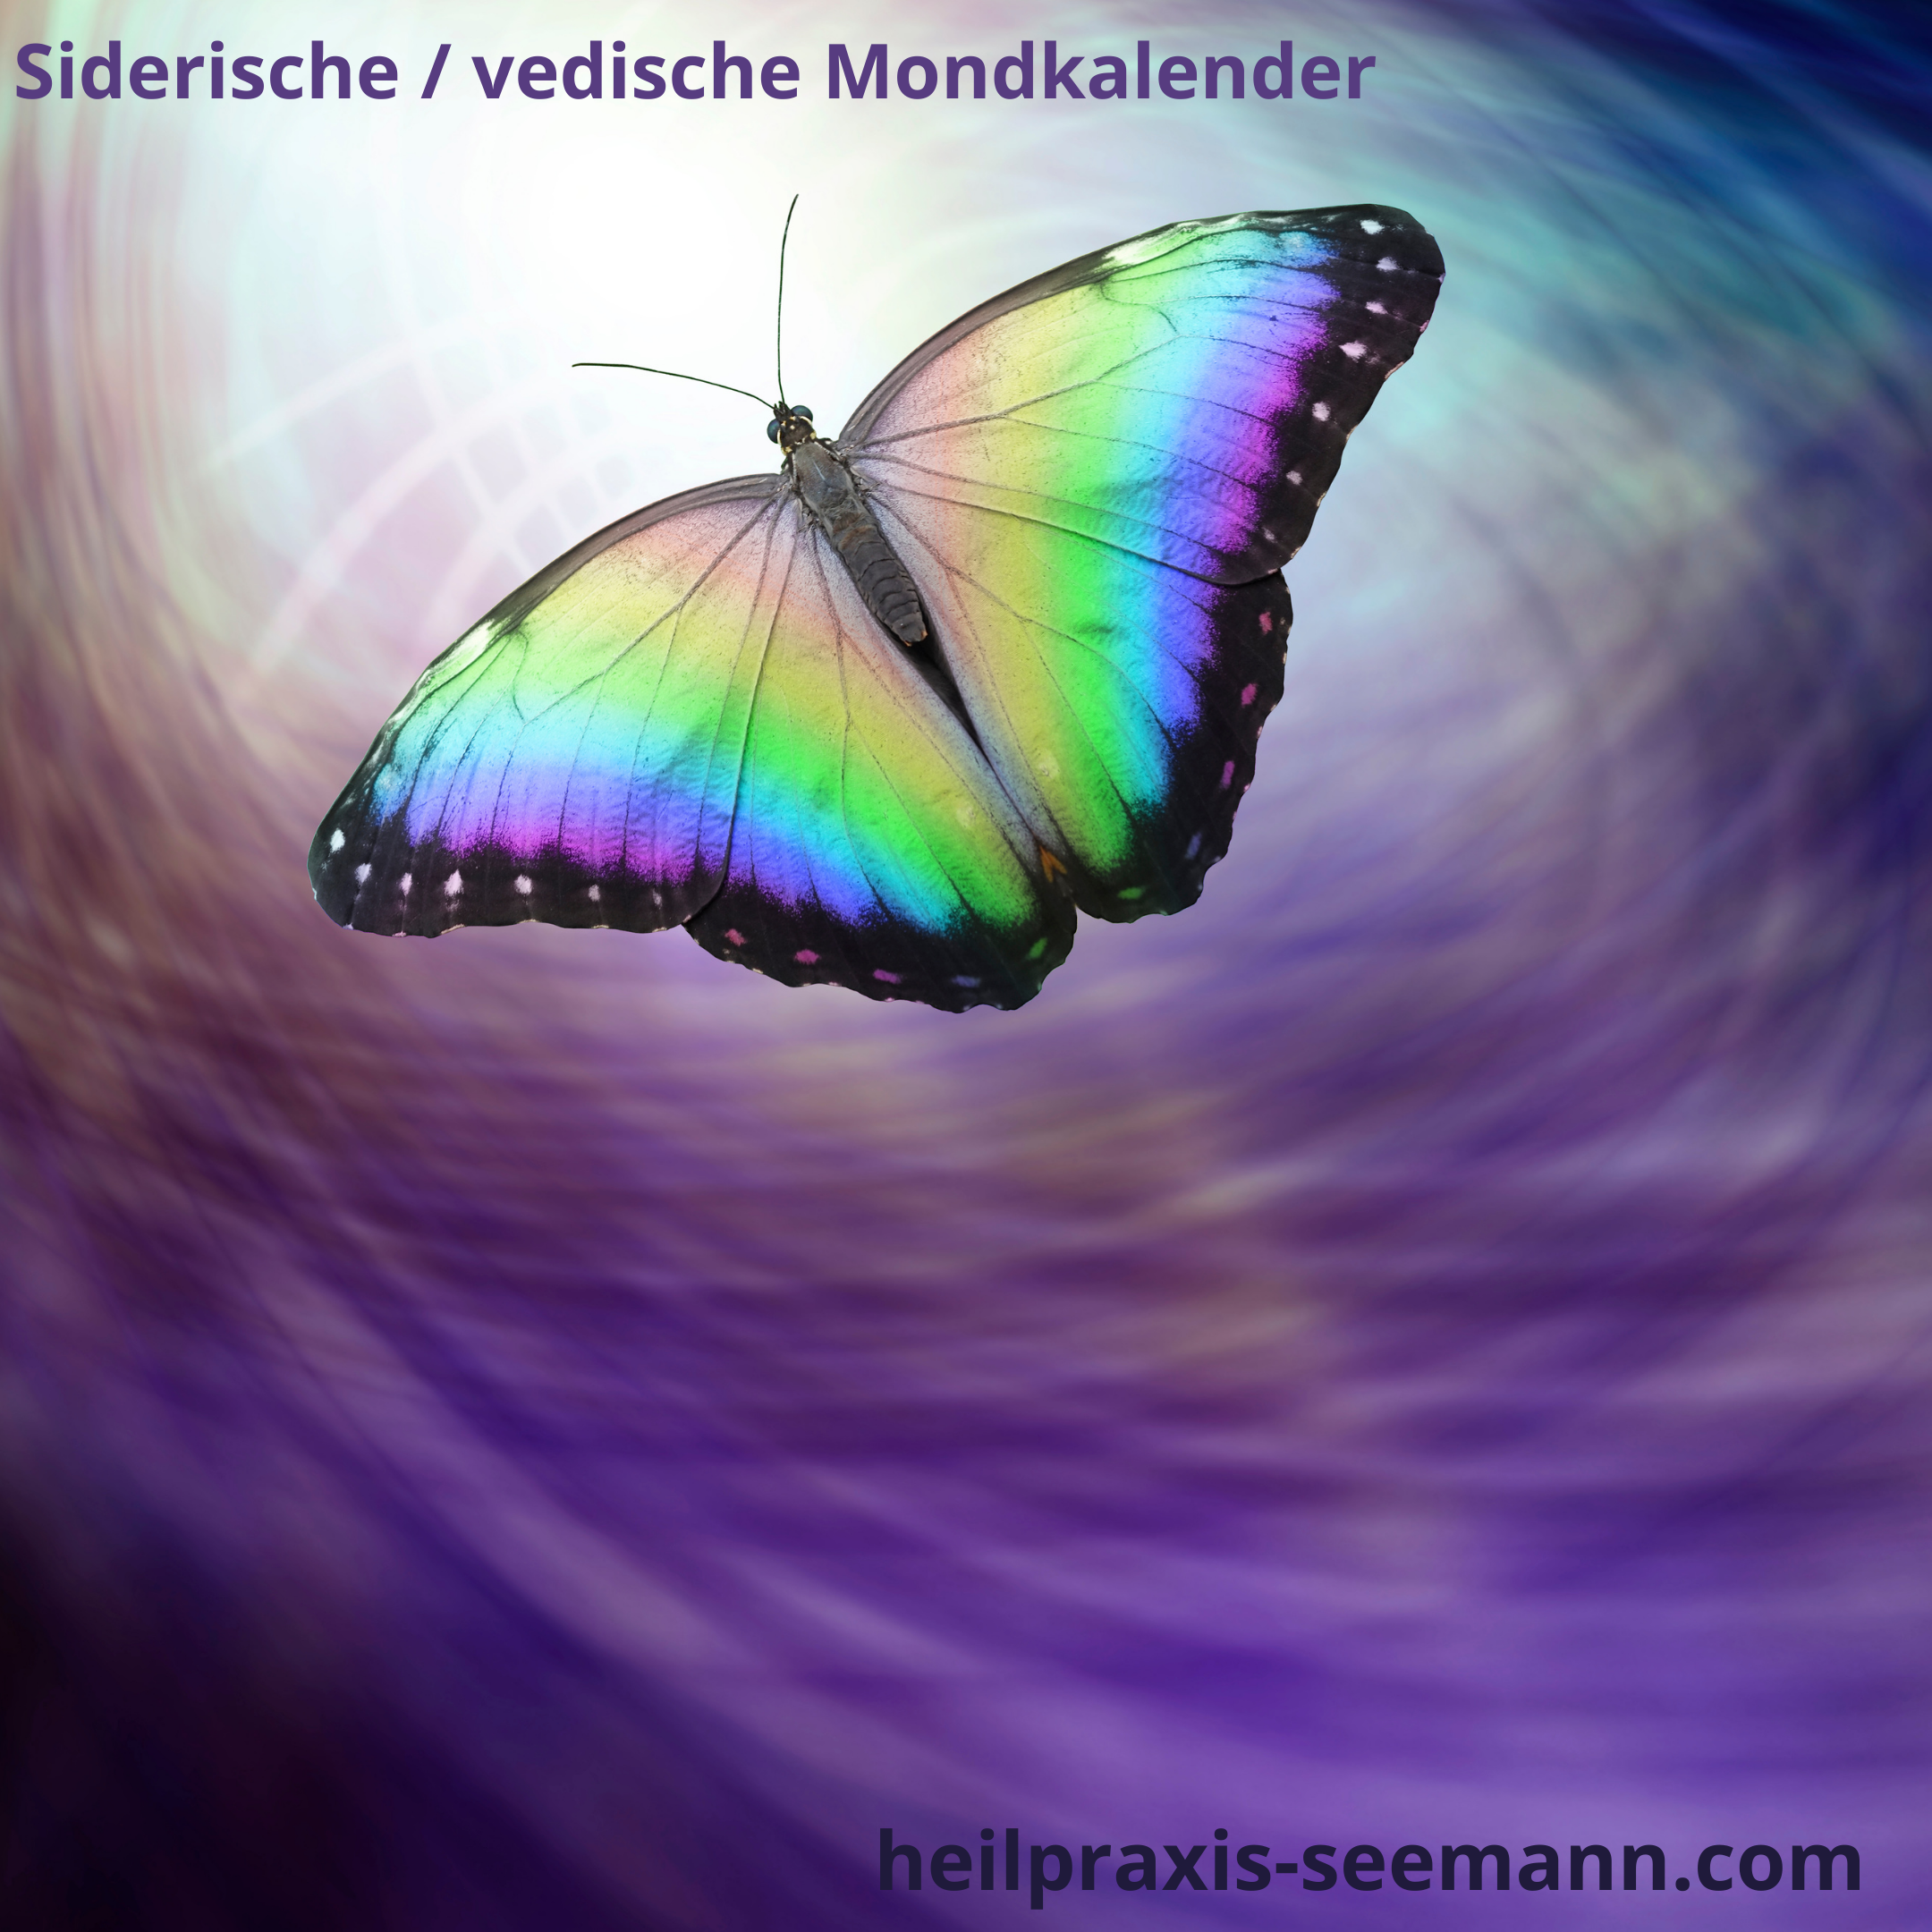 Siderische Mondkalender Wega (1)